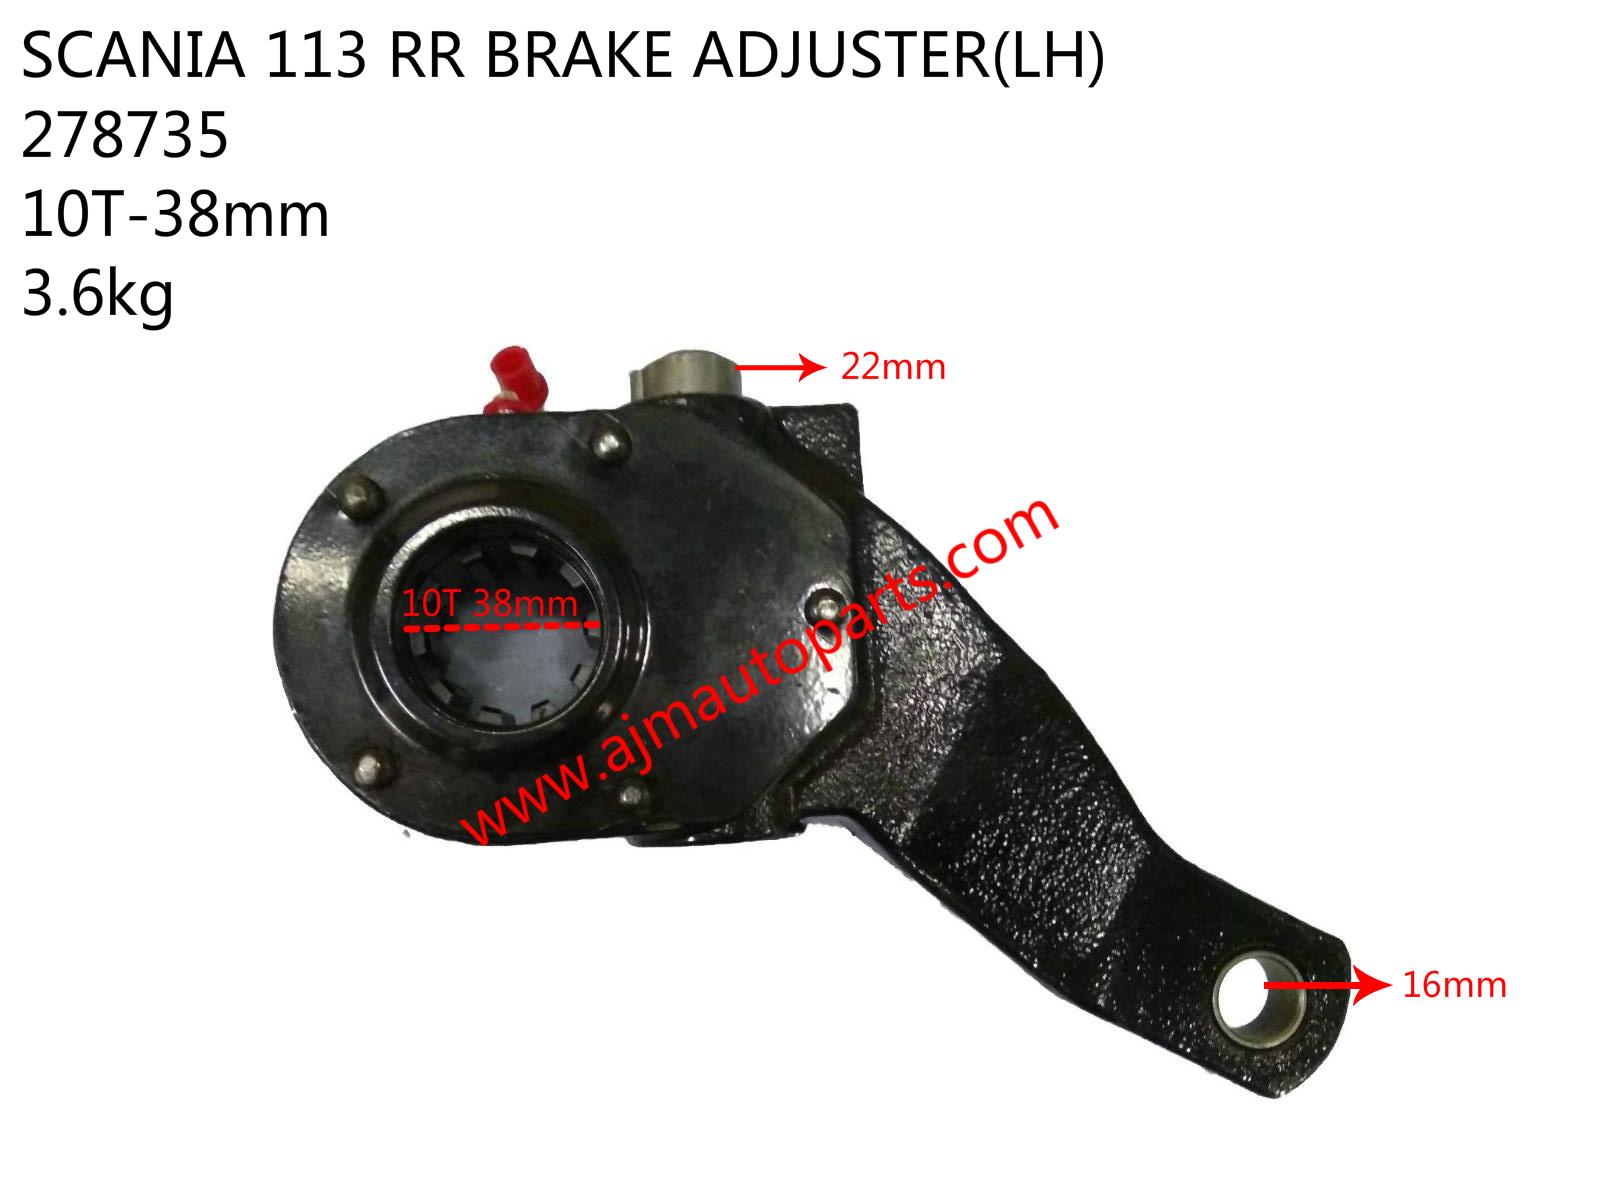 SCANIA 113 RR BRAKE ADJUSTER-LH-278735